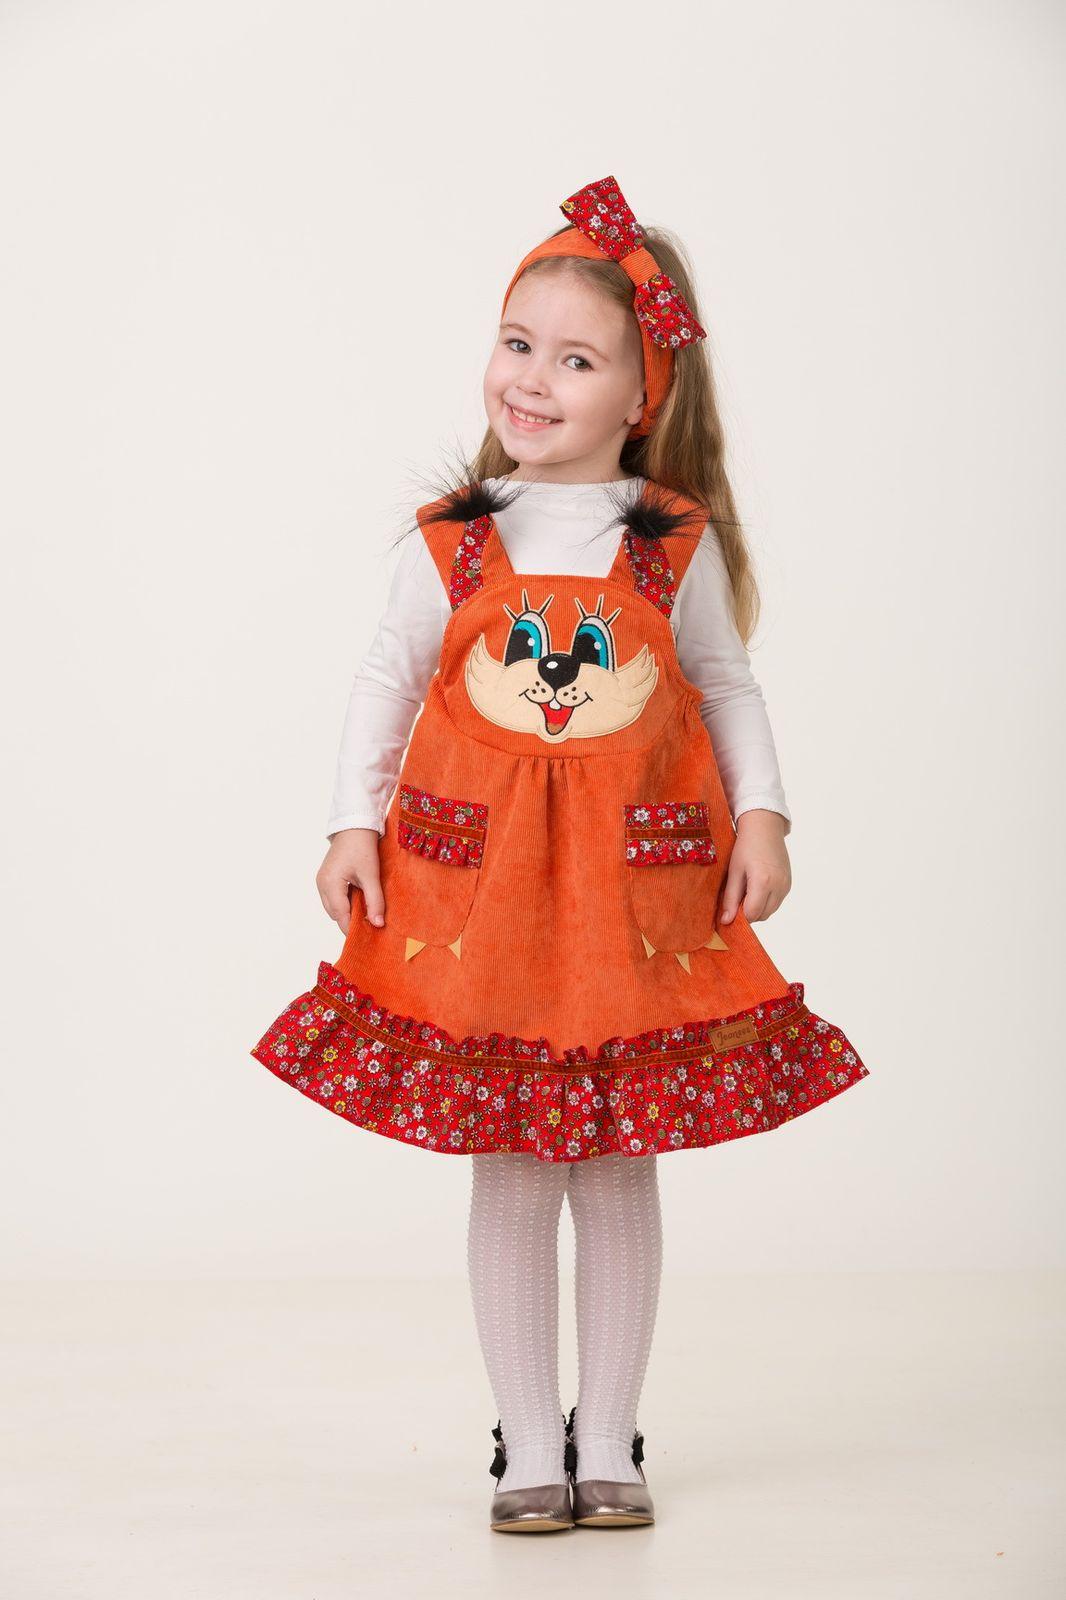 Карнавальный костюм Jeanees Белочка Венди, цвет: оранжевый. Размер: 30 jeanees карнавальный костюм врач jeanees